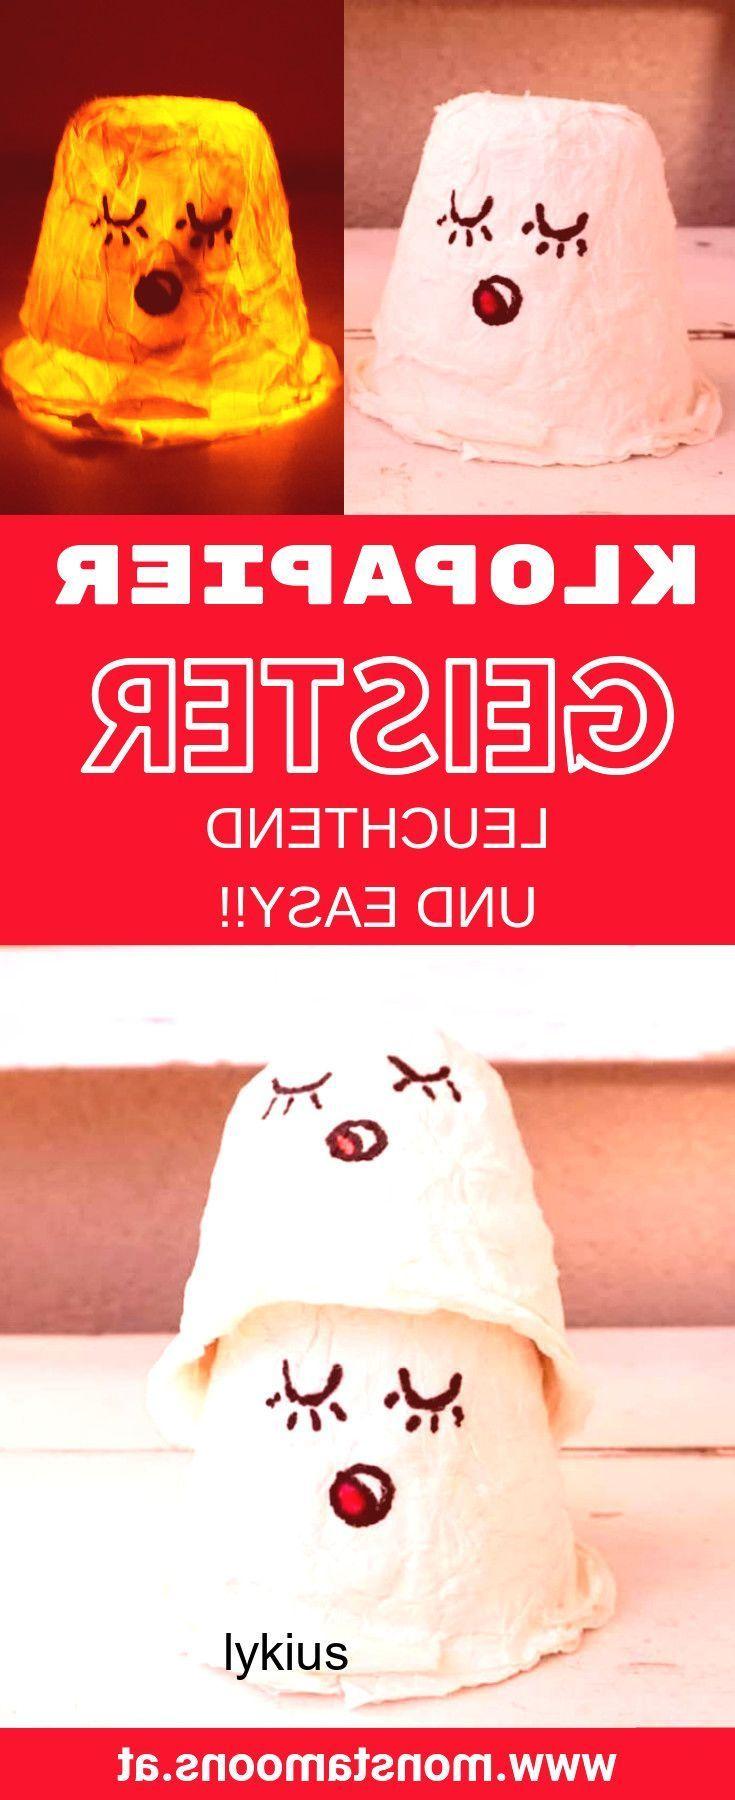 Halloween Maske bat #Halloween-Maske Einfache Geister aus Klopapier basteln, Geister basteln, Basteln fr Halloween, Basteln mit Klopapier, ghost crafts, Halloween crafts, toilet paper craft, Monstamoons #geisterbasteln Halloween Maske bat #Halloween-Maske Einfache Geister aus Klopapier basteln, Geister basteln, Basteln fr Halloween, Basteln mit Klopapier, ghost crafts, Halloween crafts, toilet paper craft, Monstamoons #geisterbasteln Halloween Maske bat #Halloween-Maske Einfache Geister aus Klop #geisterbasteln